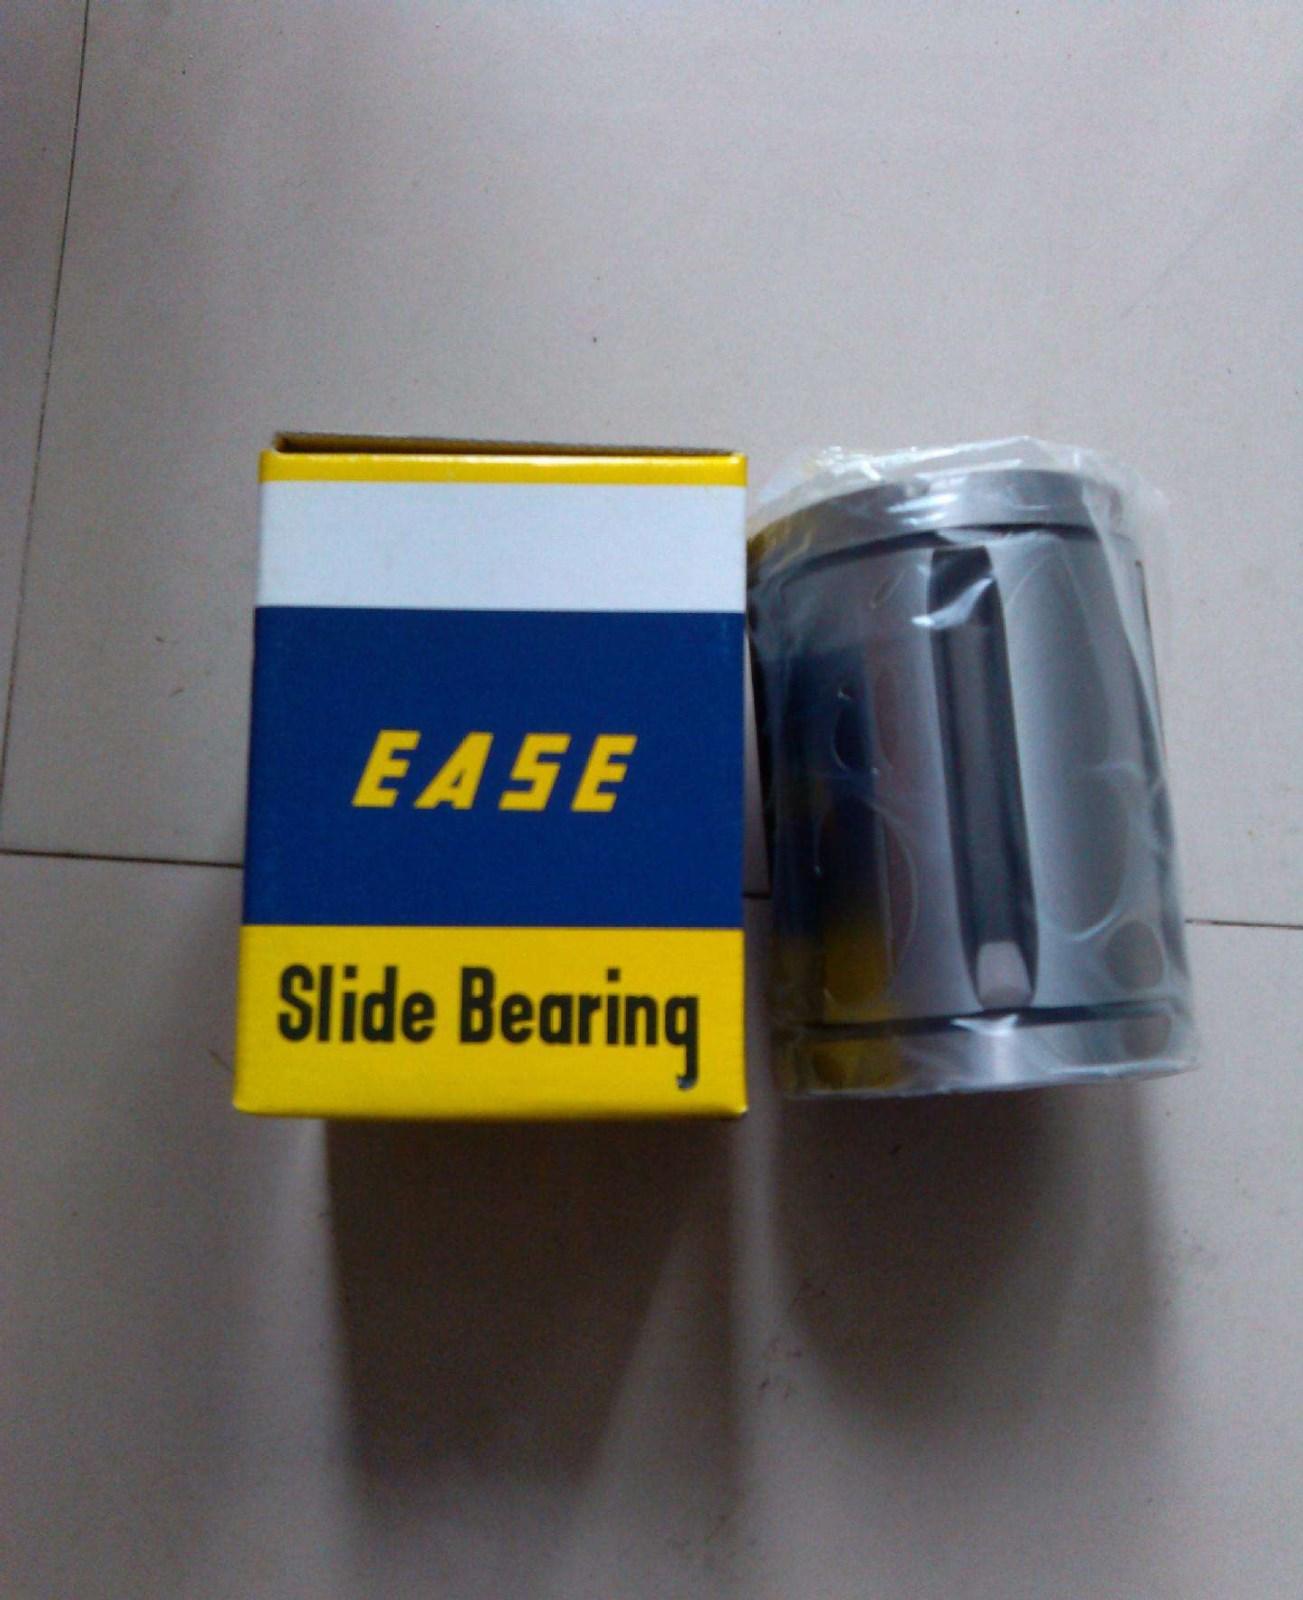 进口EASE轴承供应商_中国食品与包装机械网